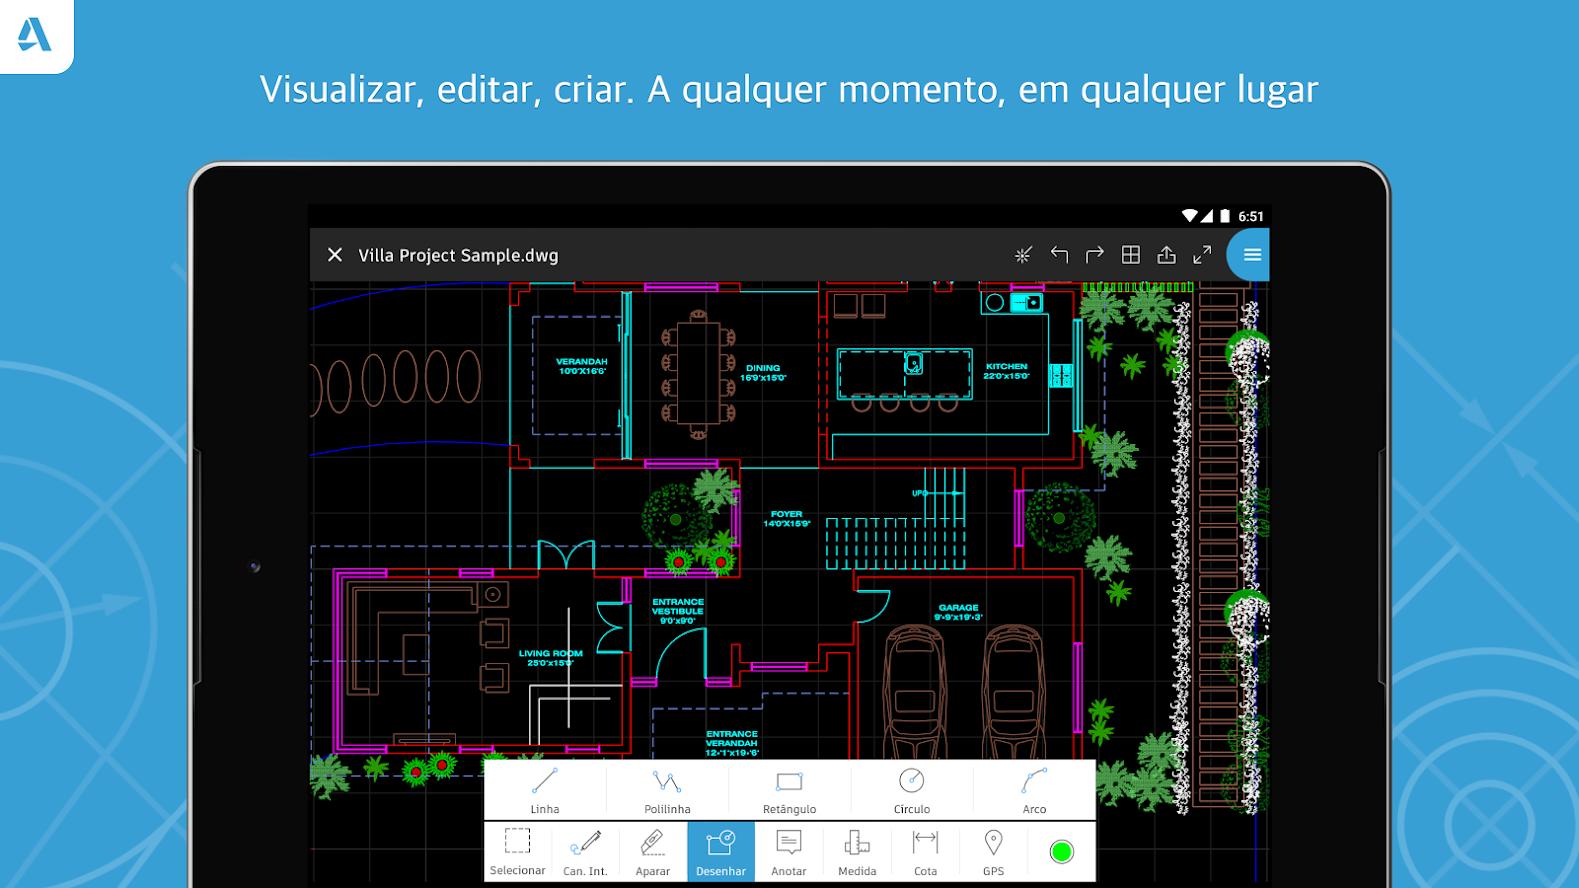 AutoCAD, famoso software para arquitetura, também está disponível para Android e iOS. (Imagem: Divulgalção/AutoCAD)